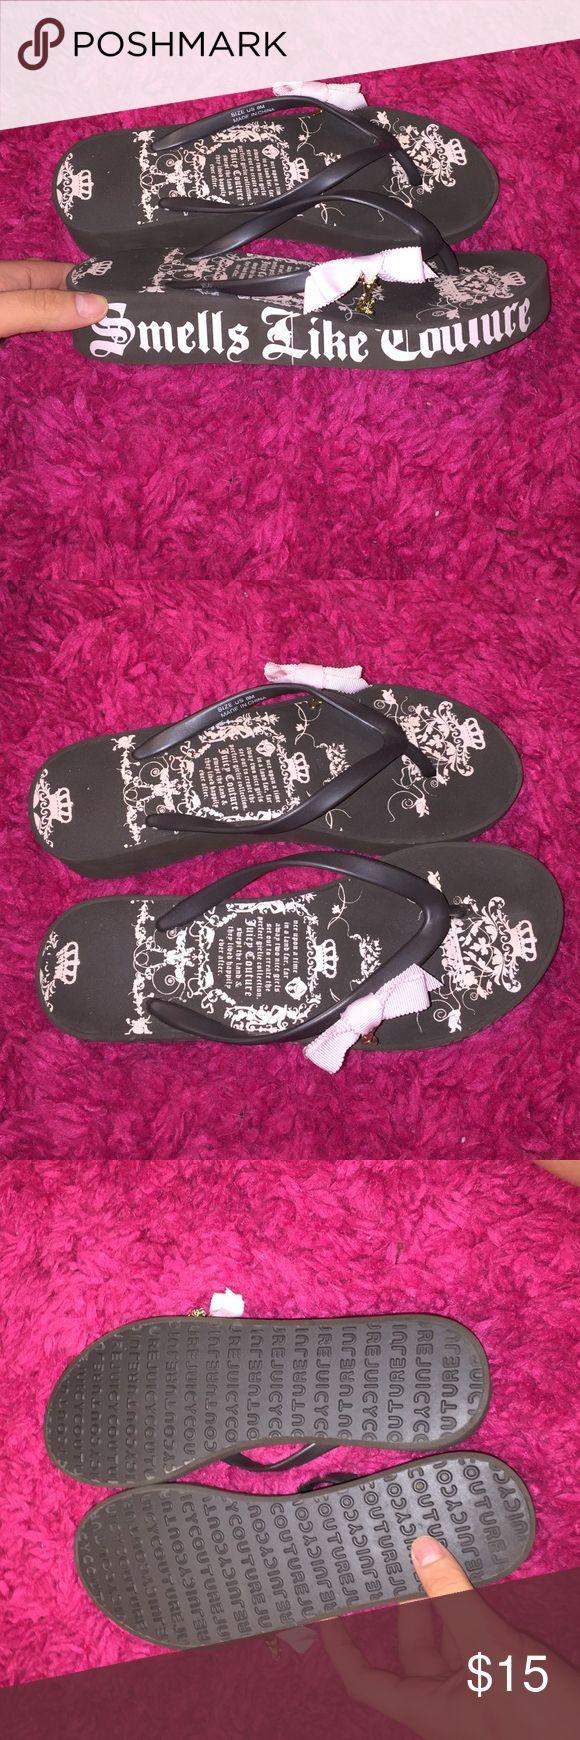 Juicy Coture Flip Flops Juicy Coture flip flop wedges brand New never worn Juicy Couture Shoes Sandals